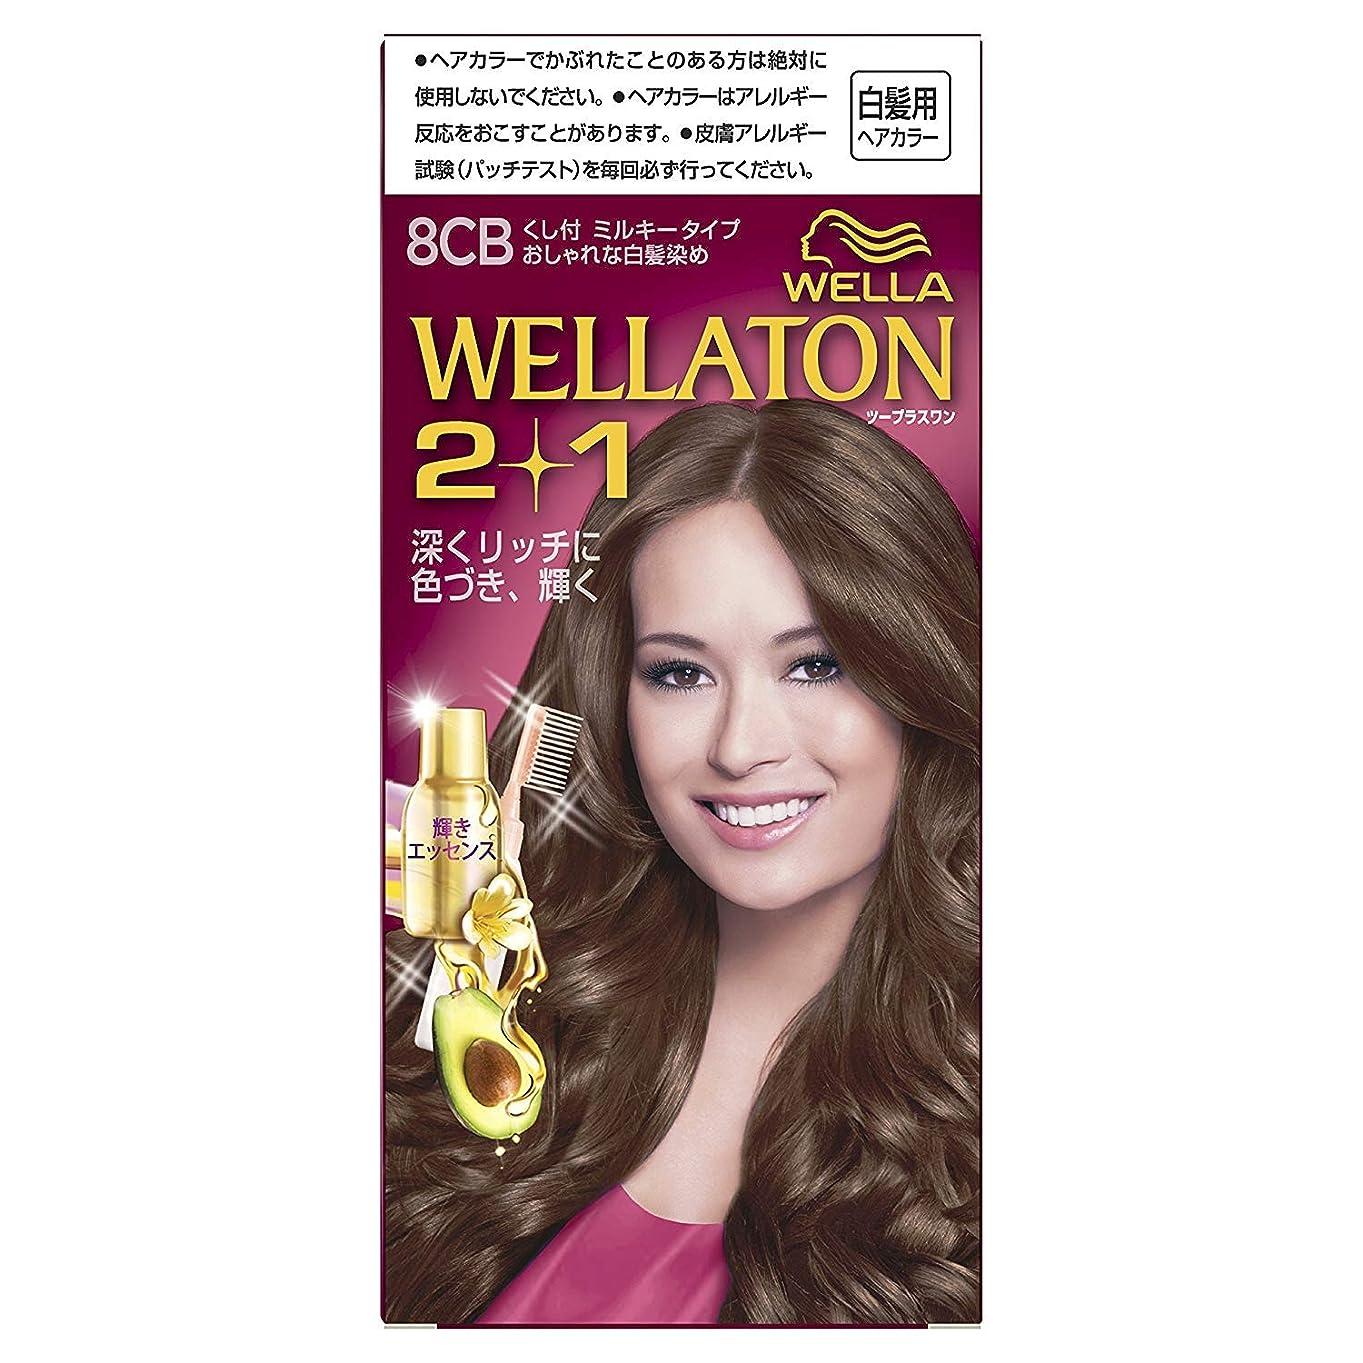 動機粘性の取り囲むウエラトーン2+1 白髪染め くし付ミルキータイプ 8CB [医薬部外品] ×6個